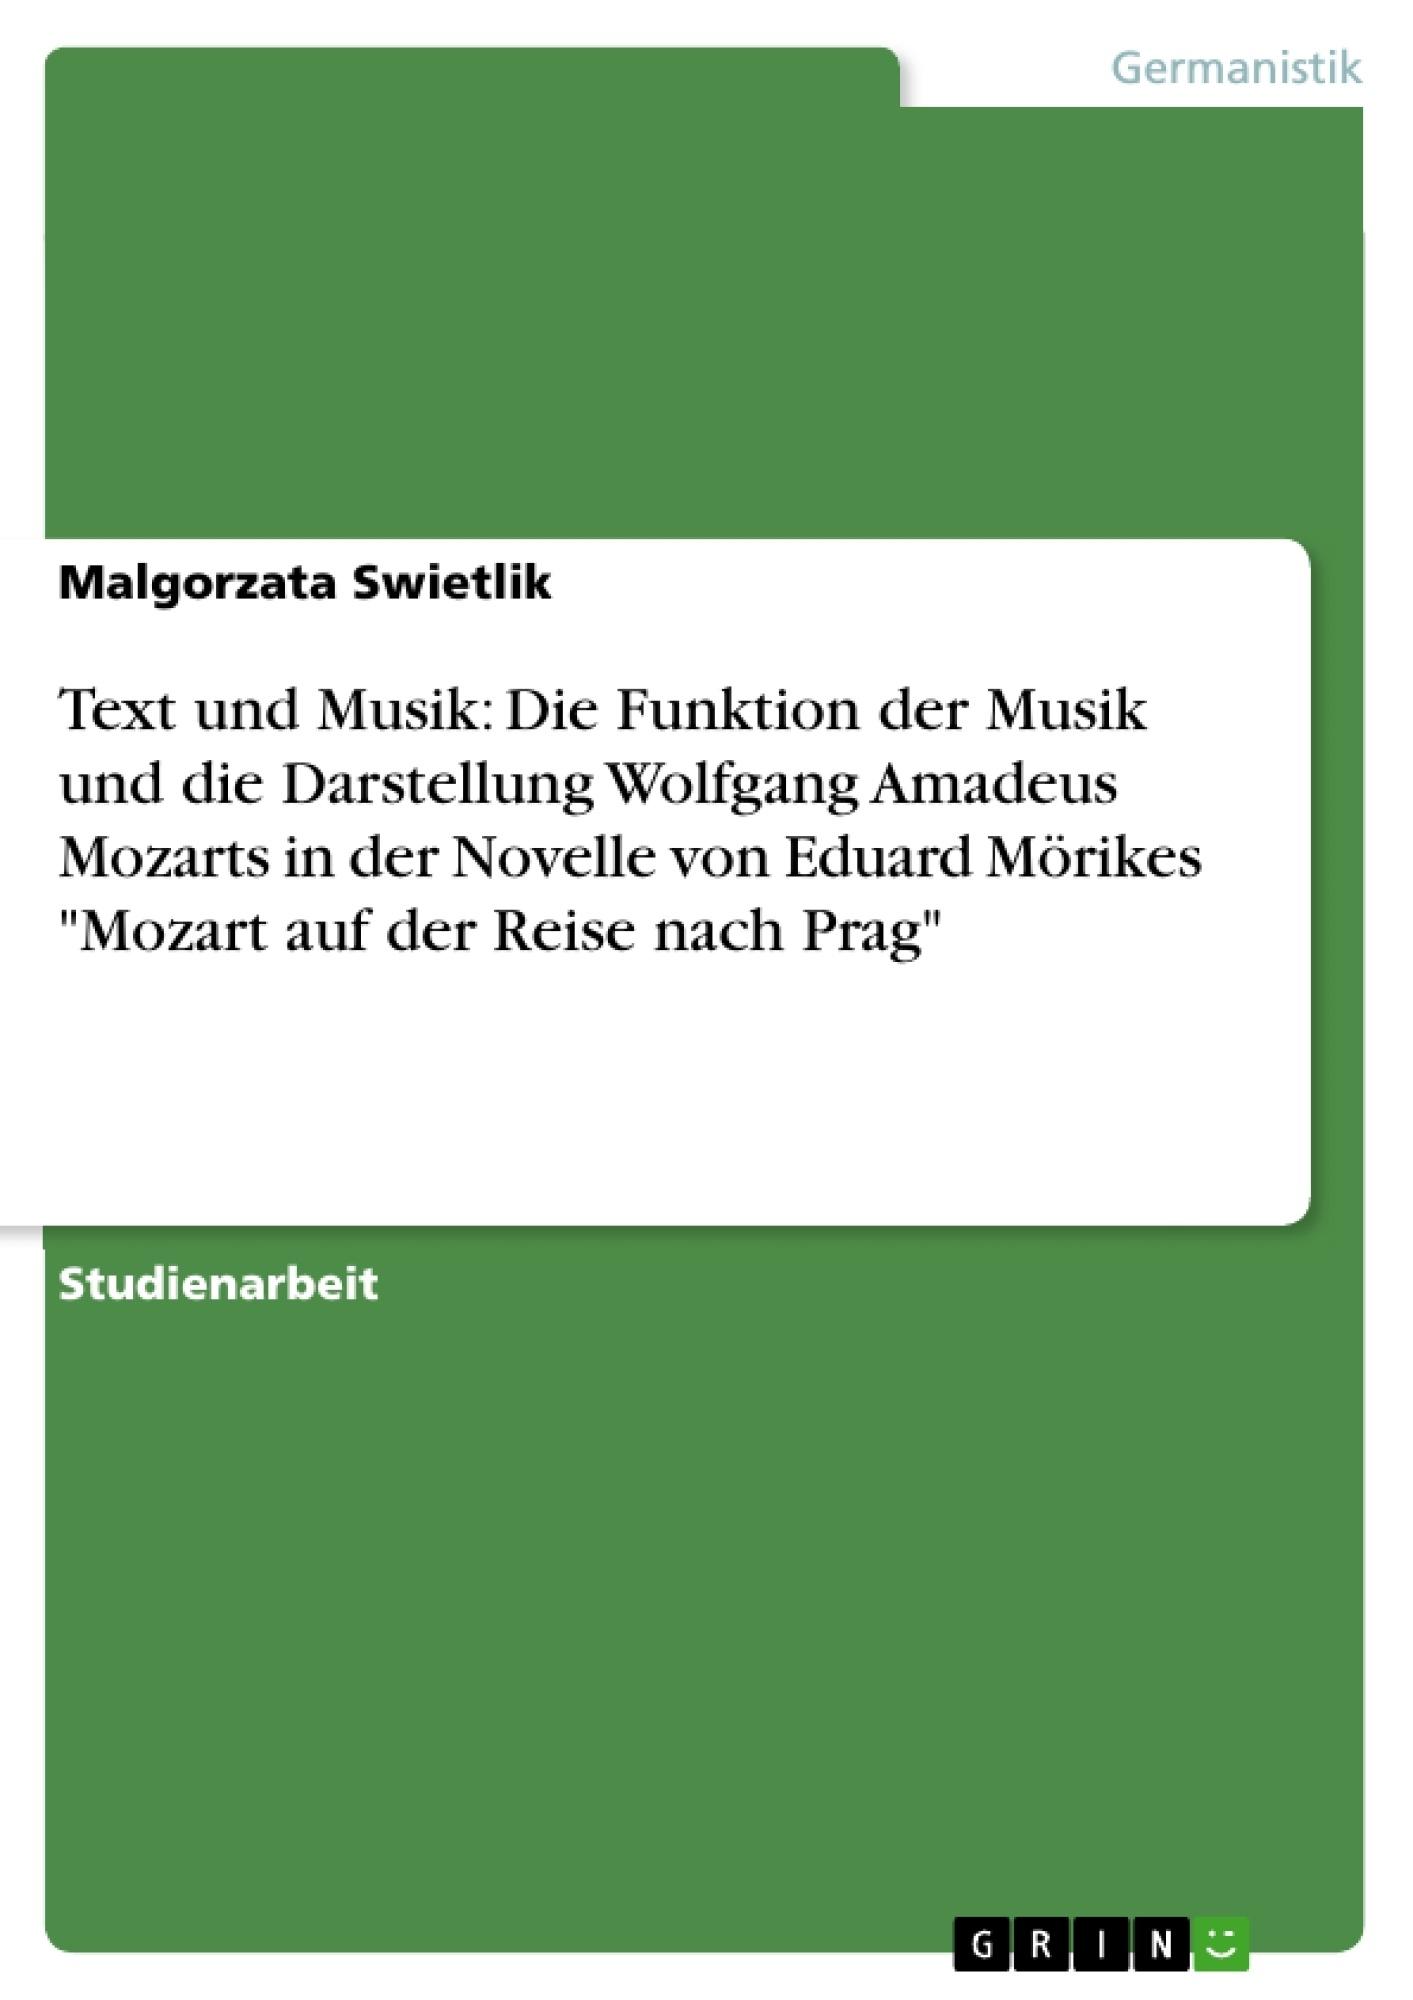 """Titel: Text und Musik: Die Funktion der Musik und die Darstellung Wolfgang Amadeus Mozarts in der Novelle von Eduard Mörikes """"Mozart auf der Reise nach Prag"""""""